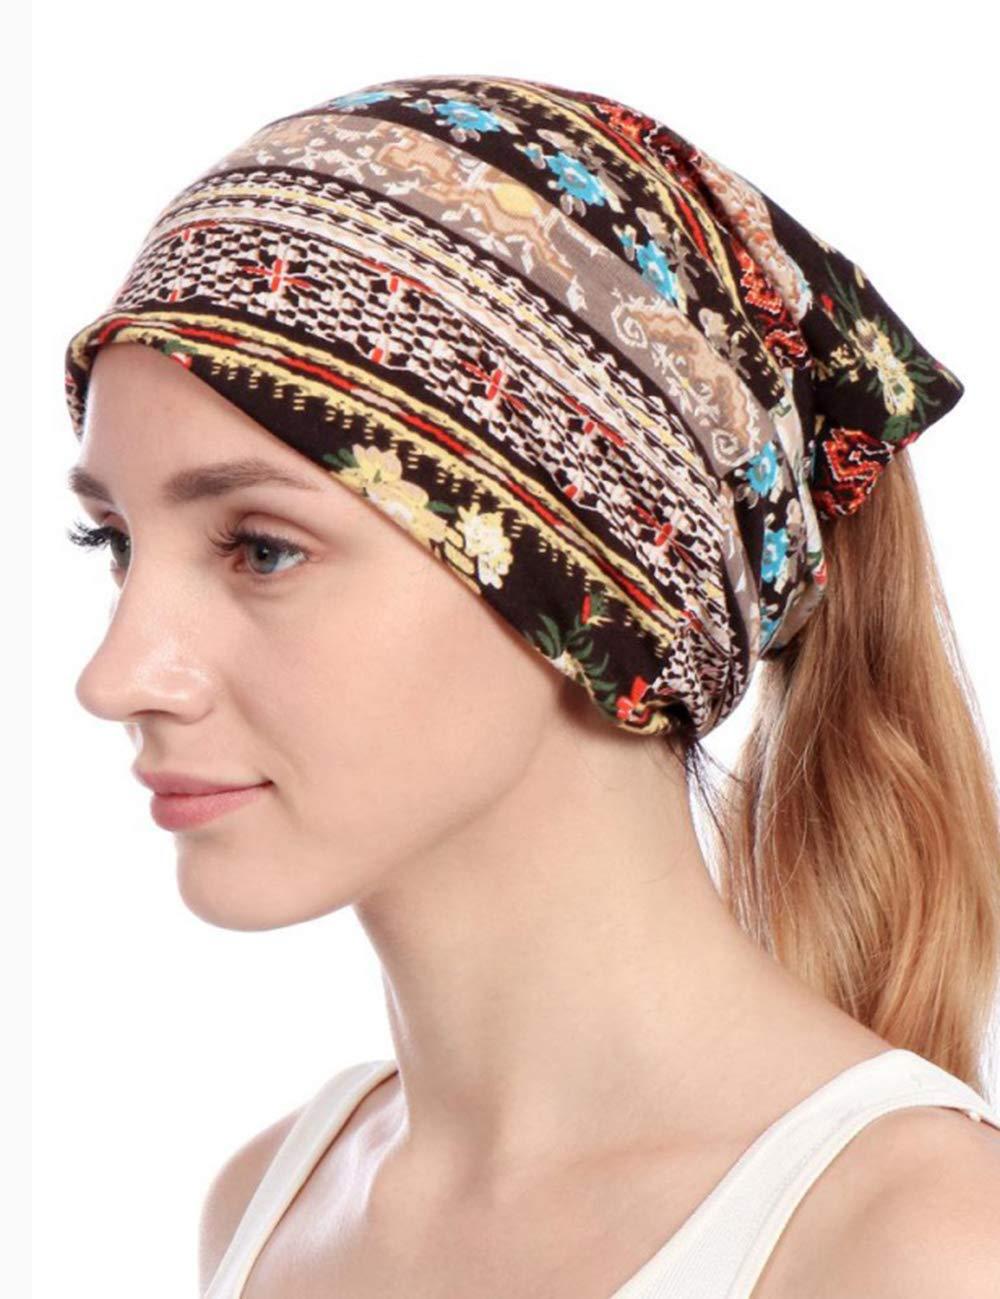 Harewom Beanie Ponytail Hat for Women Chemo Hats for Women for Summer Brown